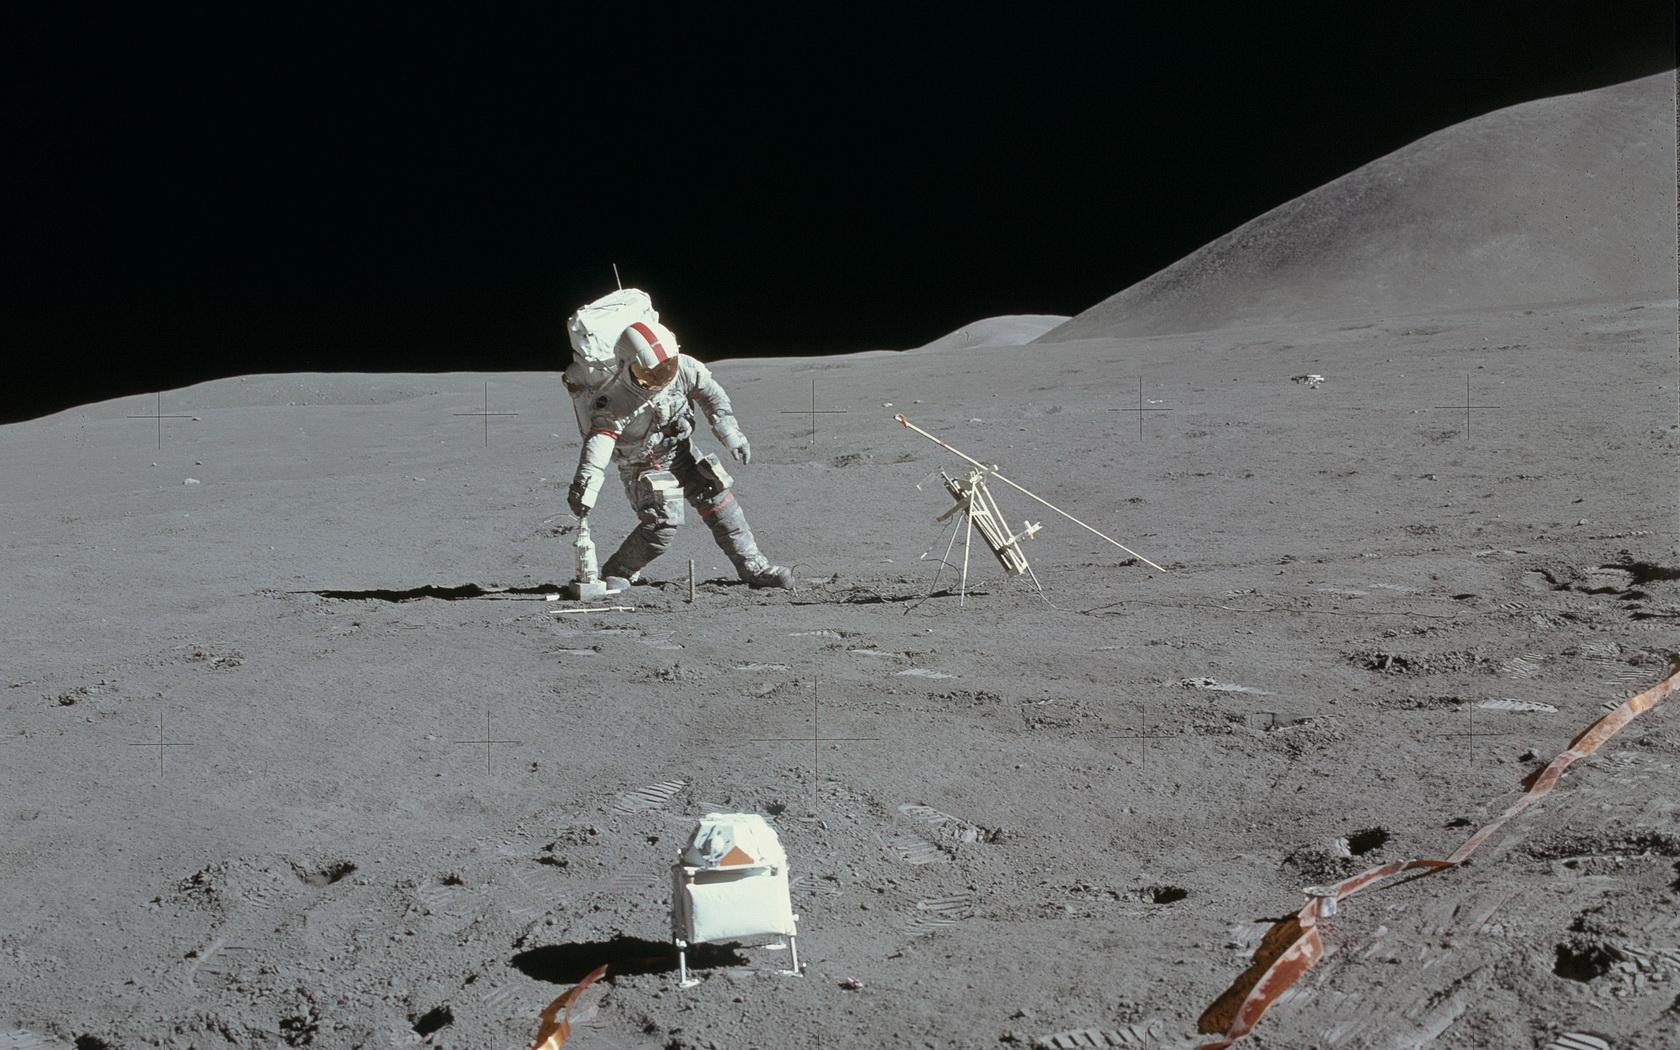 astronaut on the moon wallpaper - photo #9